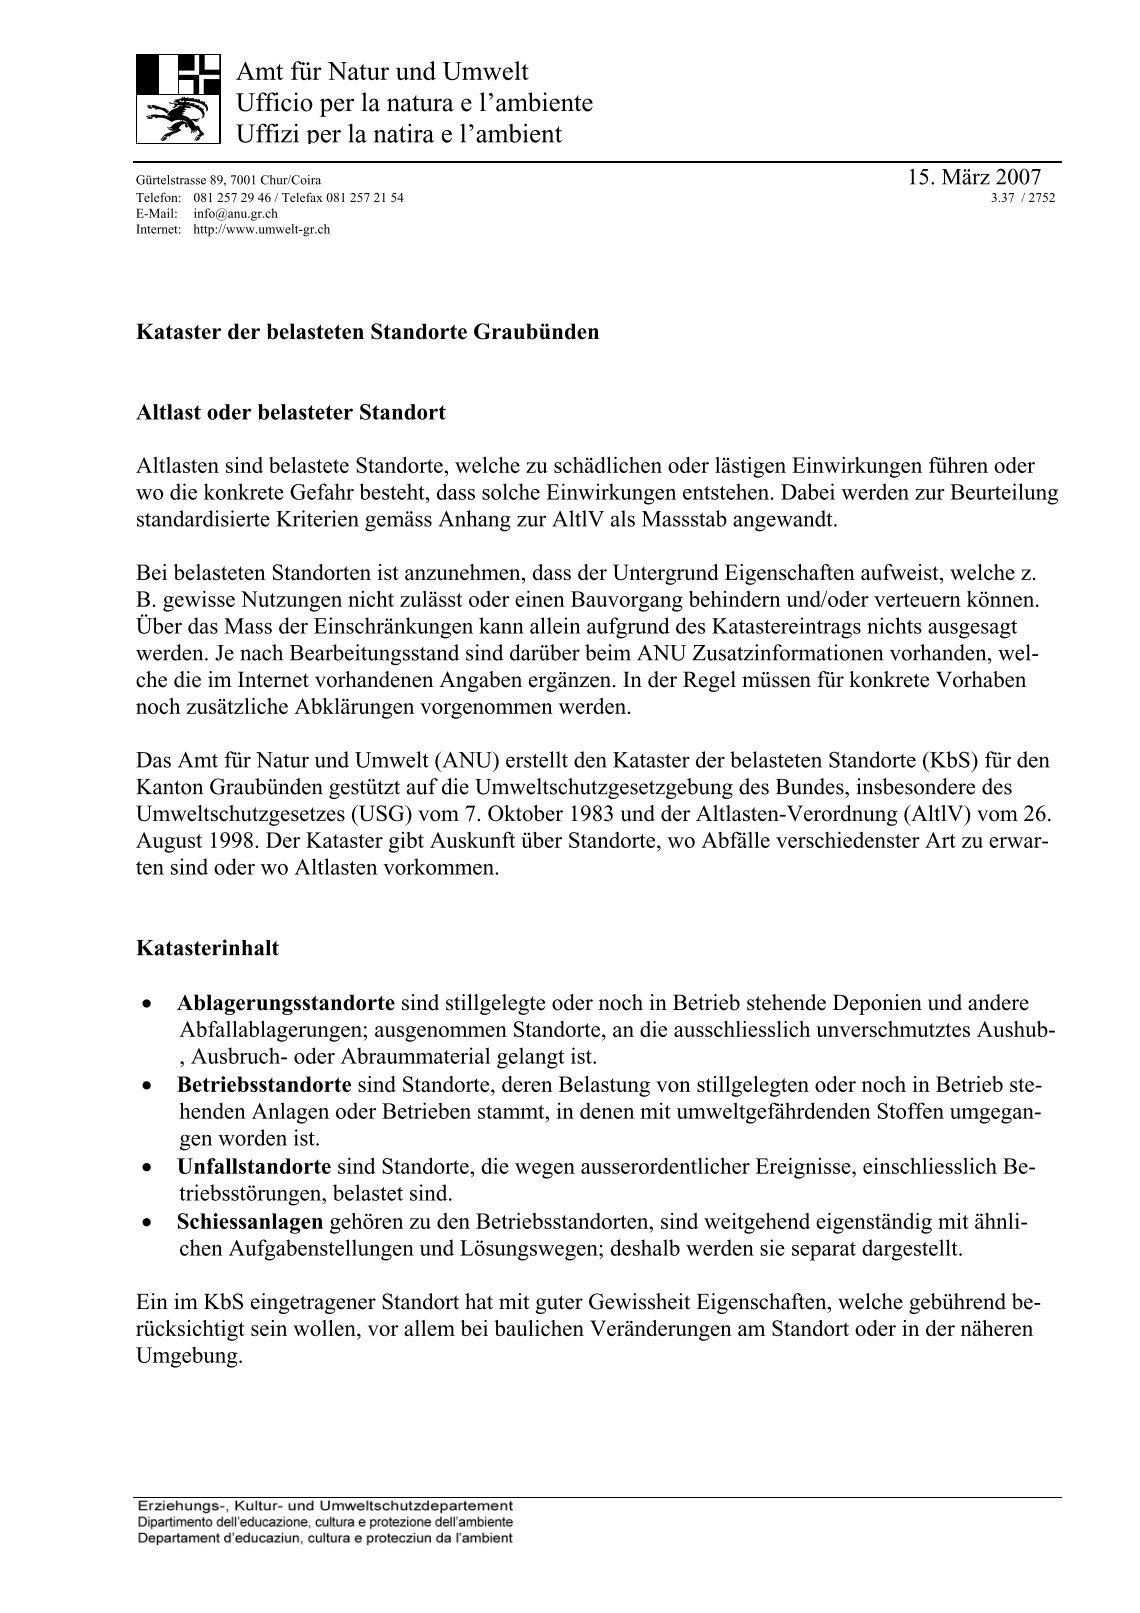 Fantastisch Anhang Standort Auf Körper Galerie - Physiologie Von ...